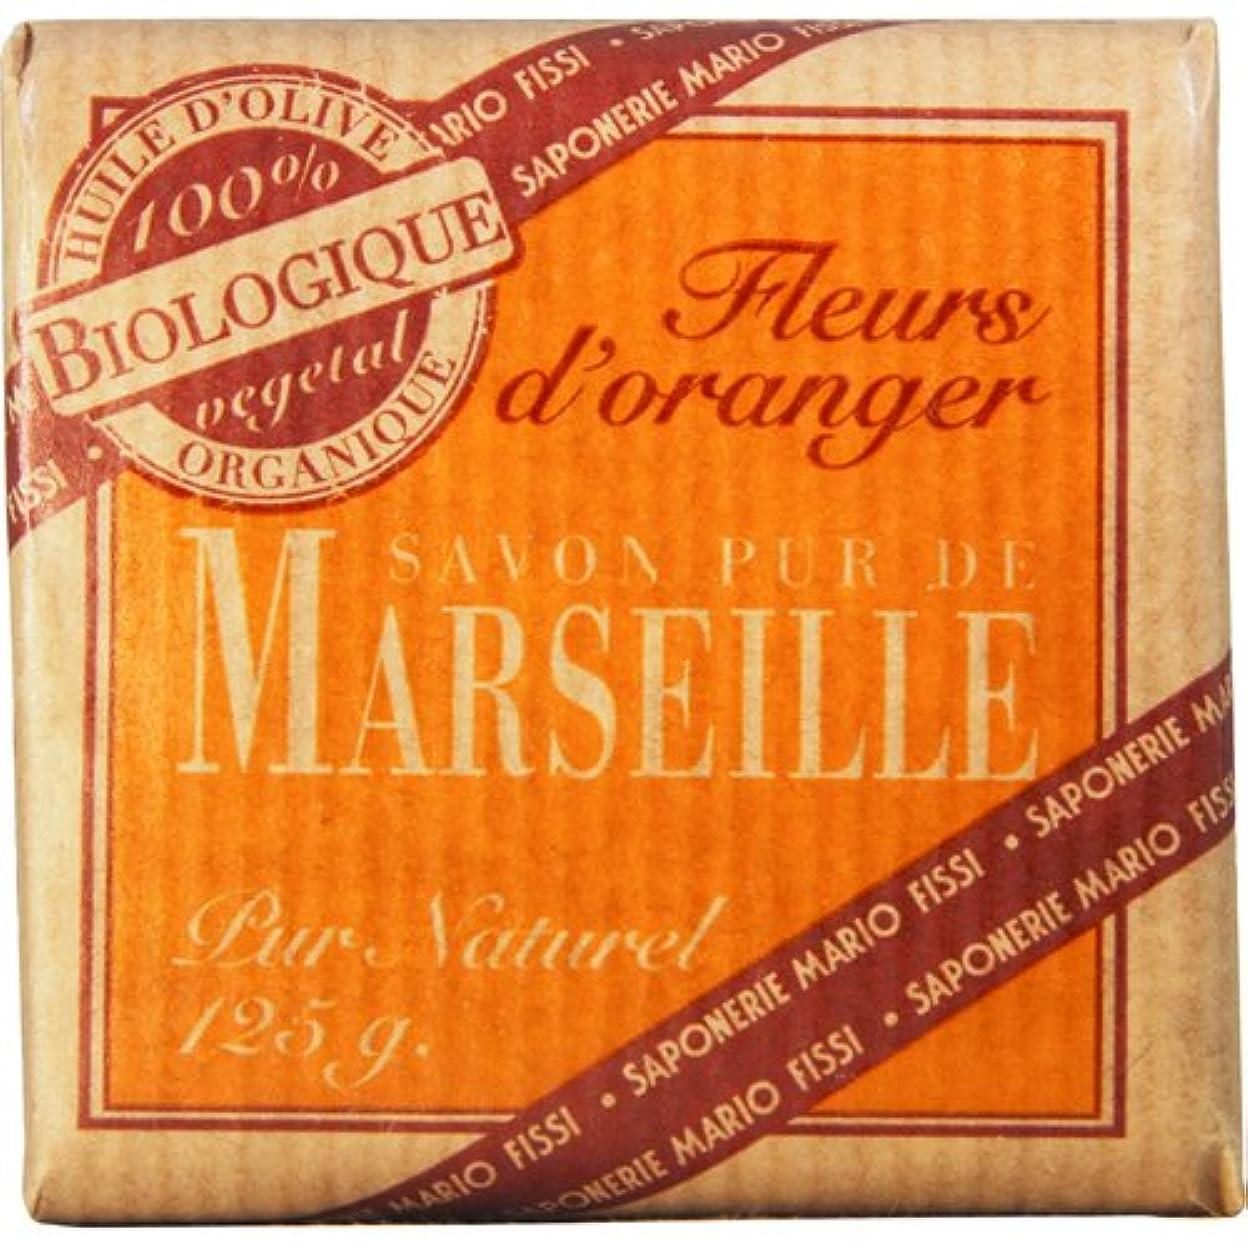 白菜母音敬なSaponerire Fissi マルセイユシリーズ マルセイユソープ 125g Orange Flower オレンジフラワー